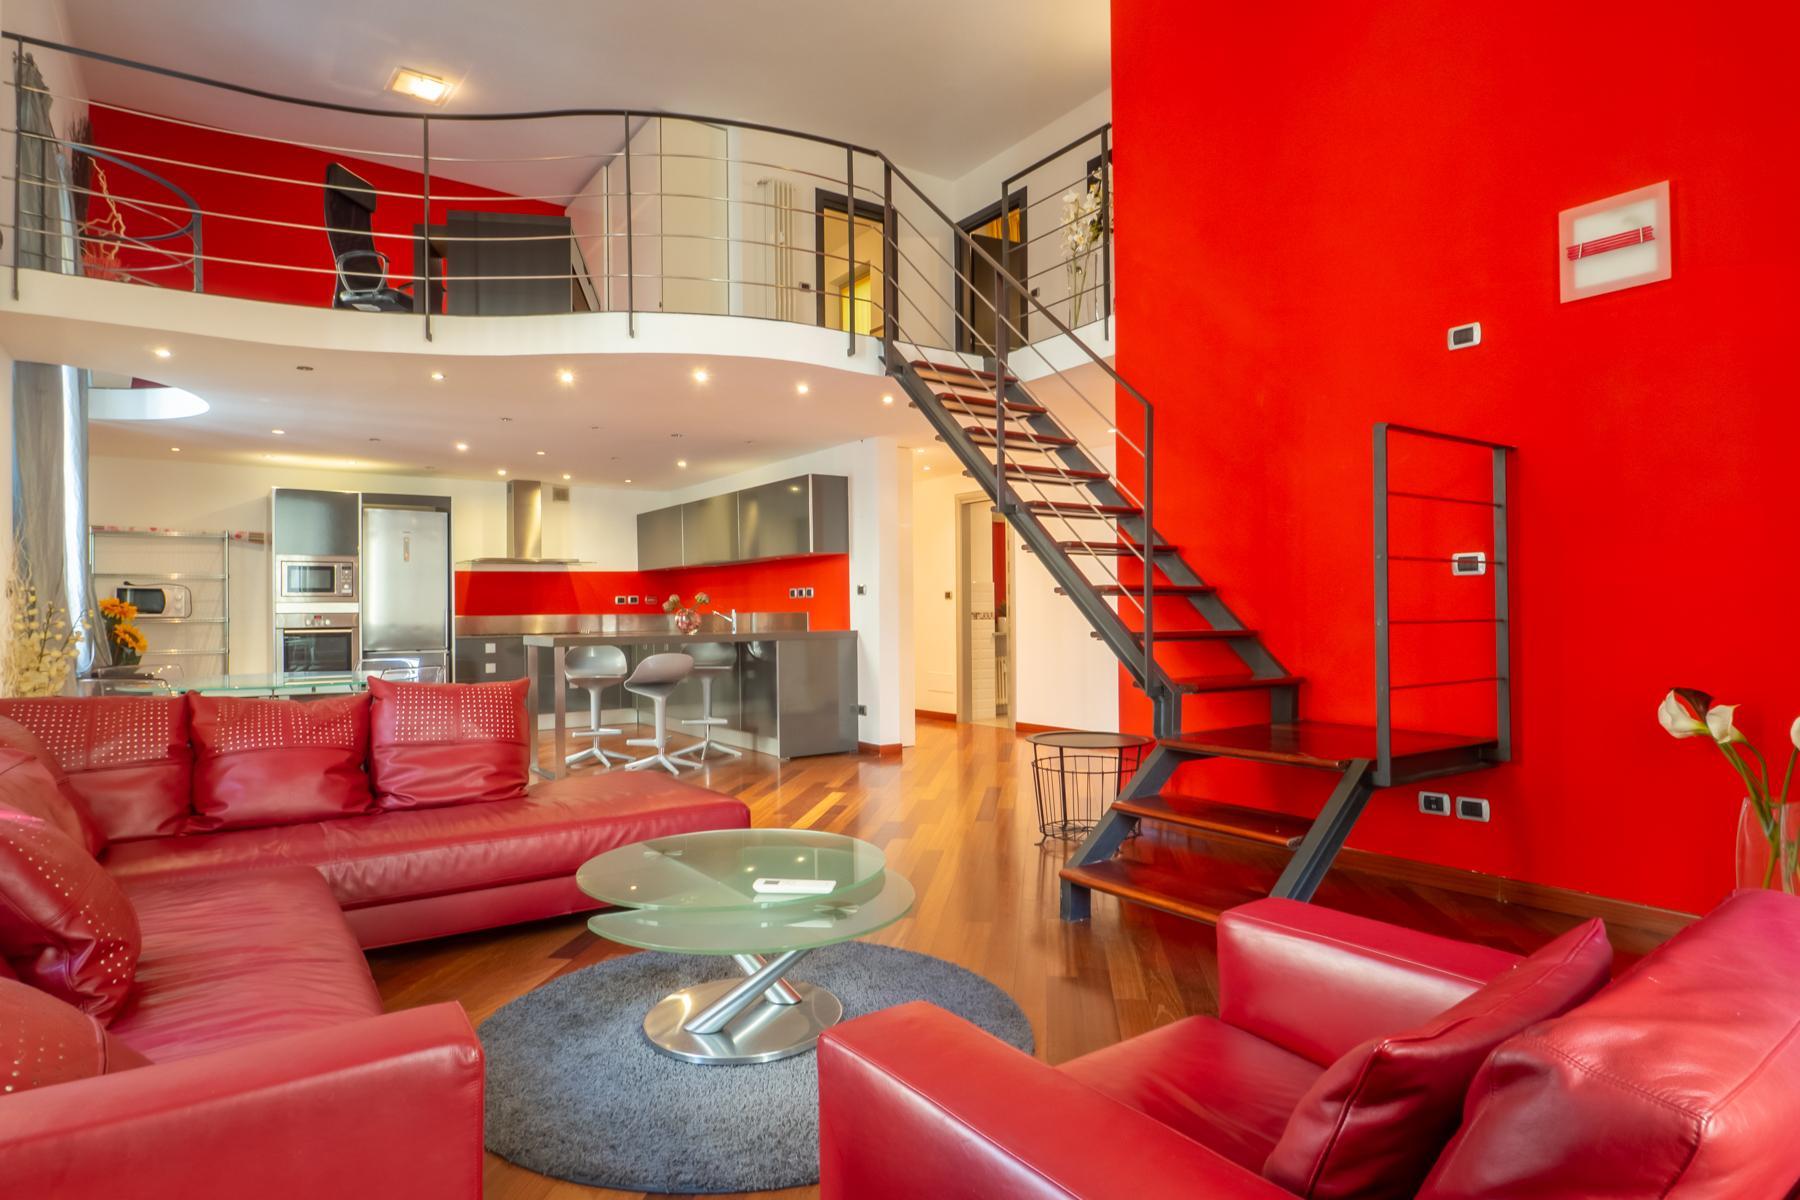 Appartement moderne dans le centre de Turin - 1